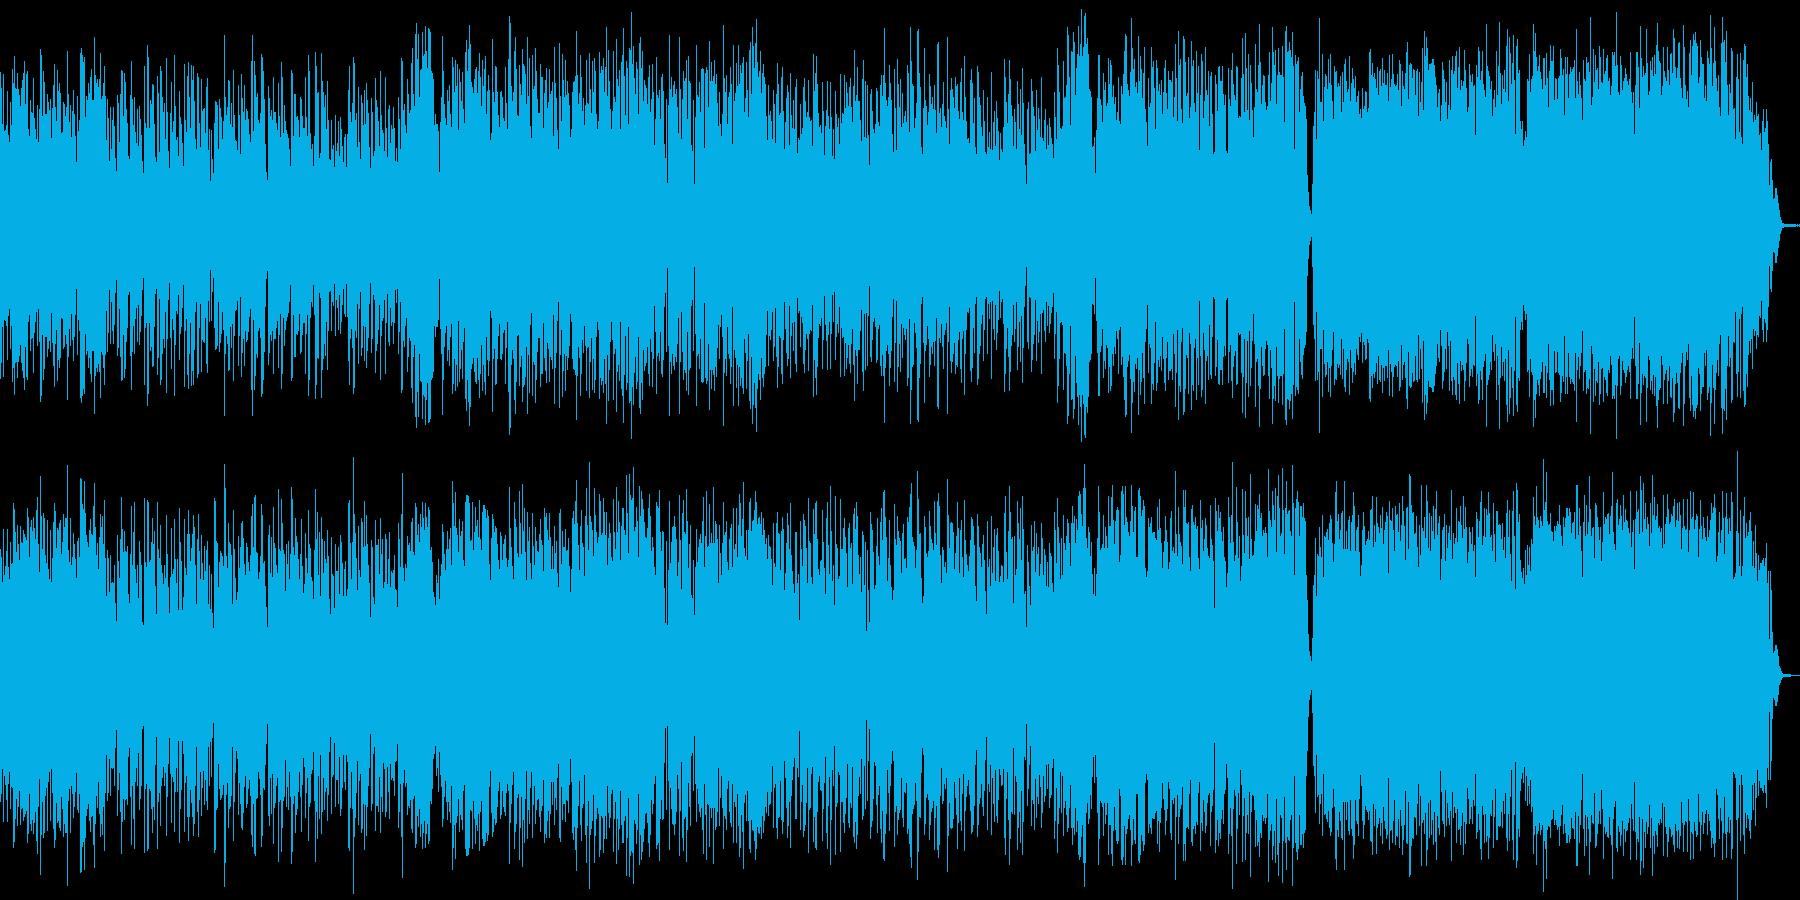 【ストリングス主体でドラマチックBGM】の再生済みの波形